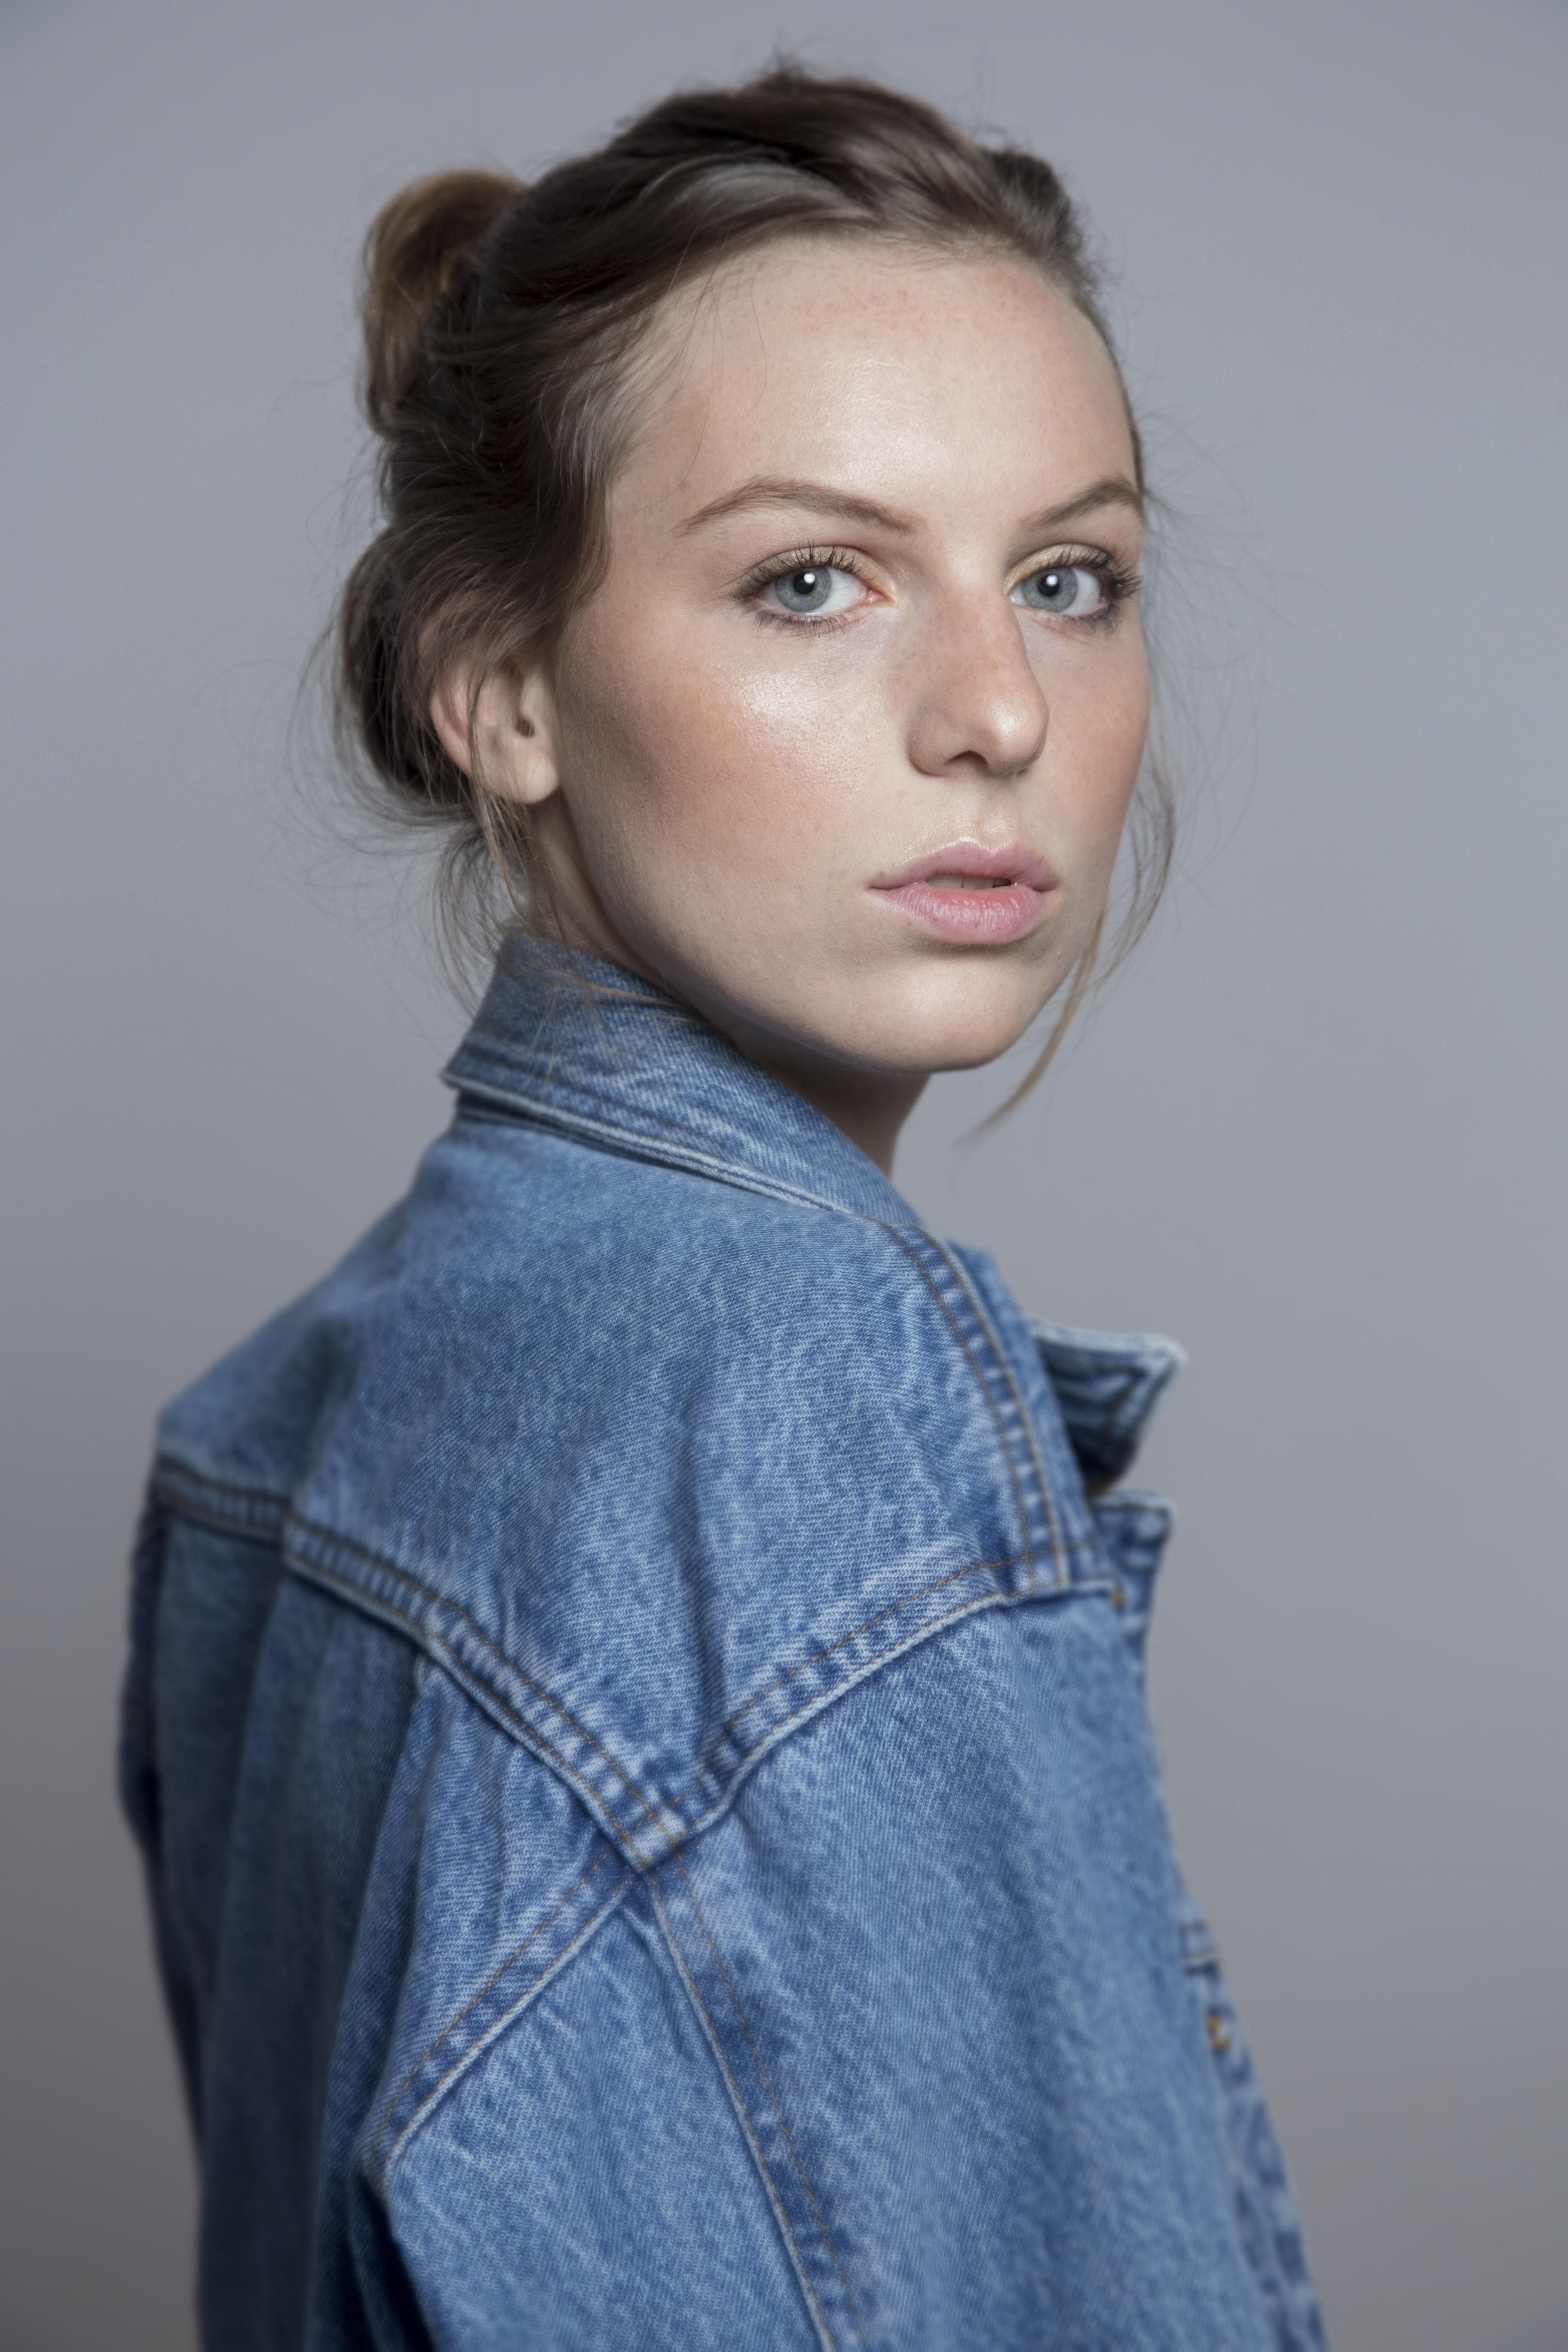 Abigail Rae's Model portfolio